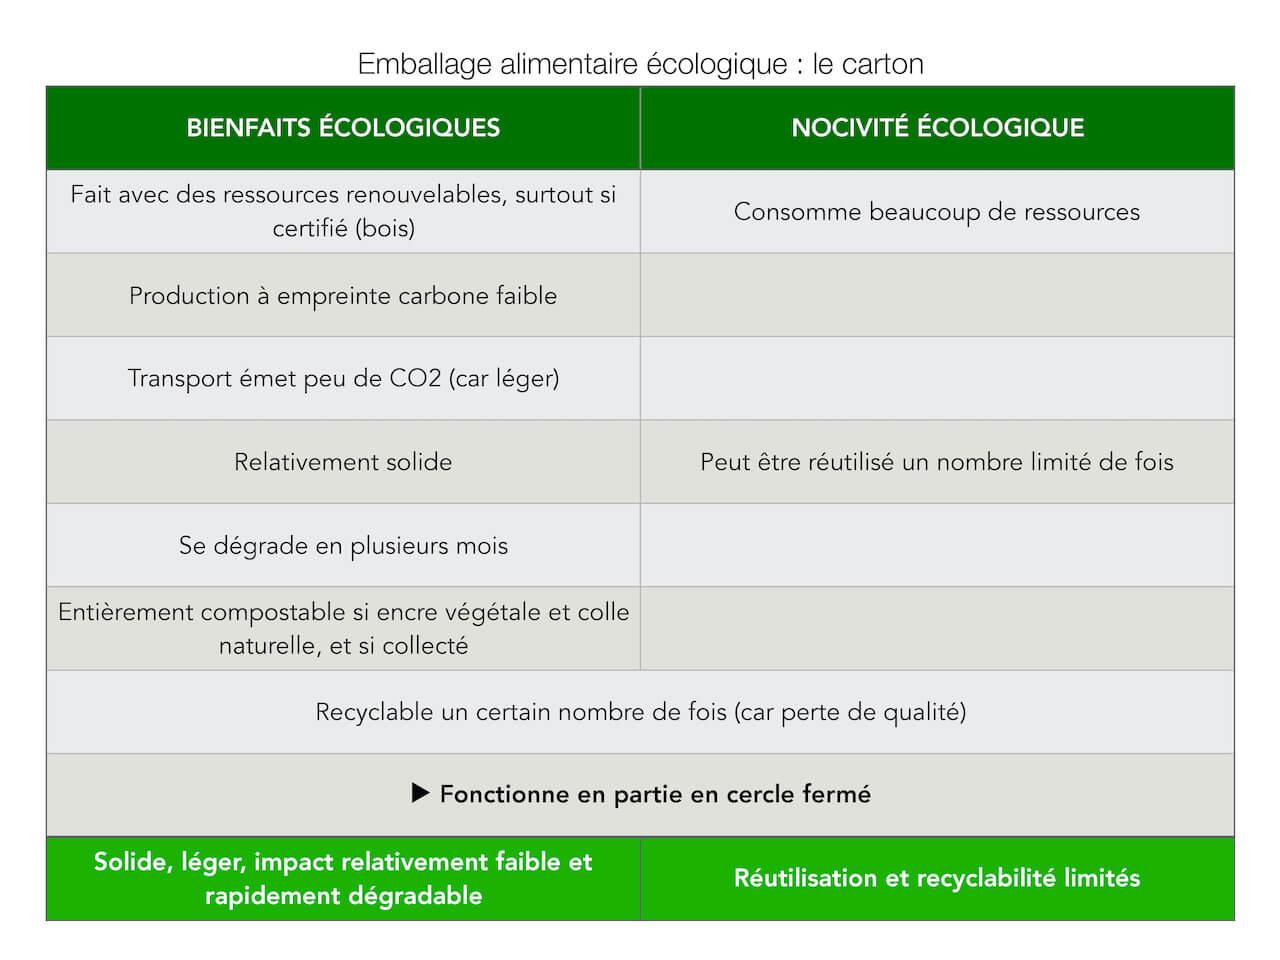 Comparatif des avantages et inconvénients écologiques d'un emballage en carton